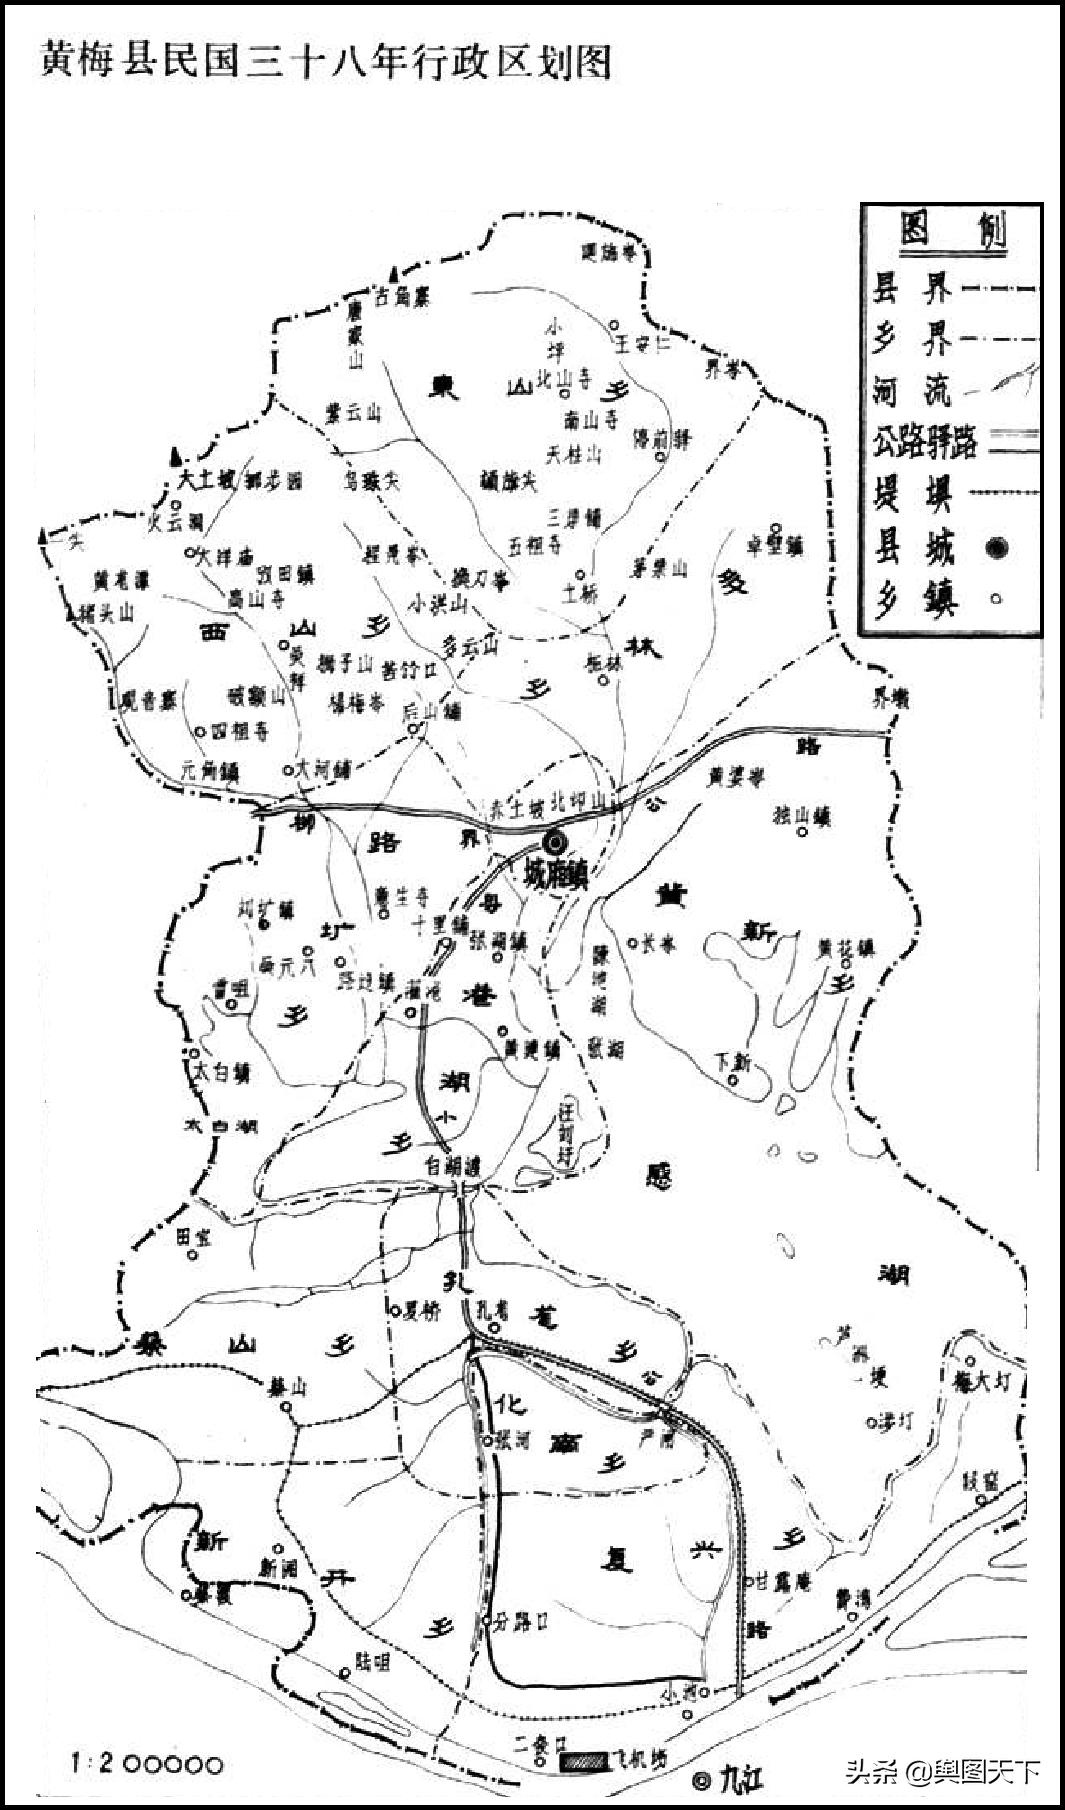 黄梅戏的命名地—湖北黄梅县,是怎么取得江西九江市小池口镇的?